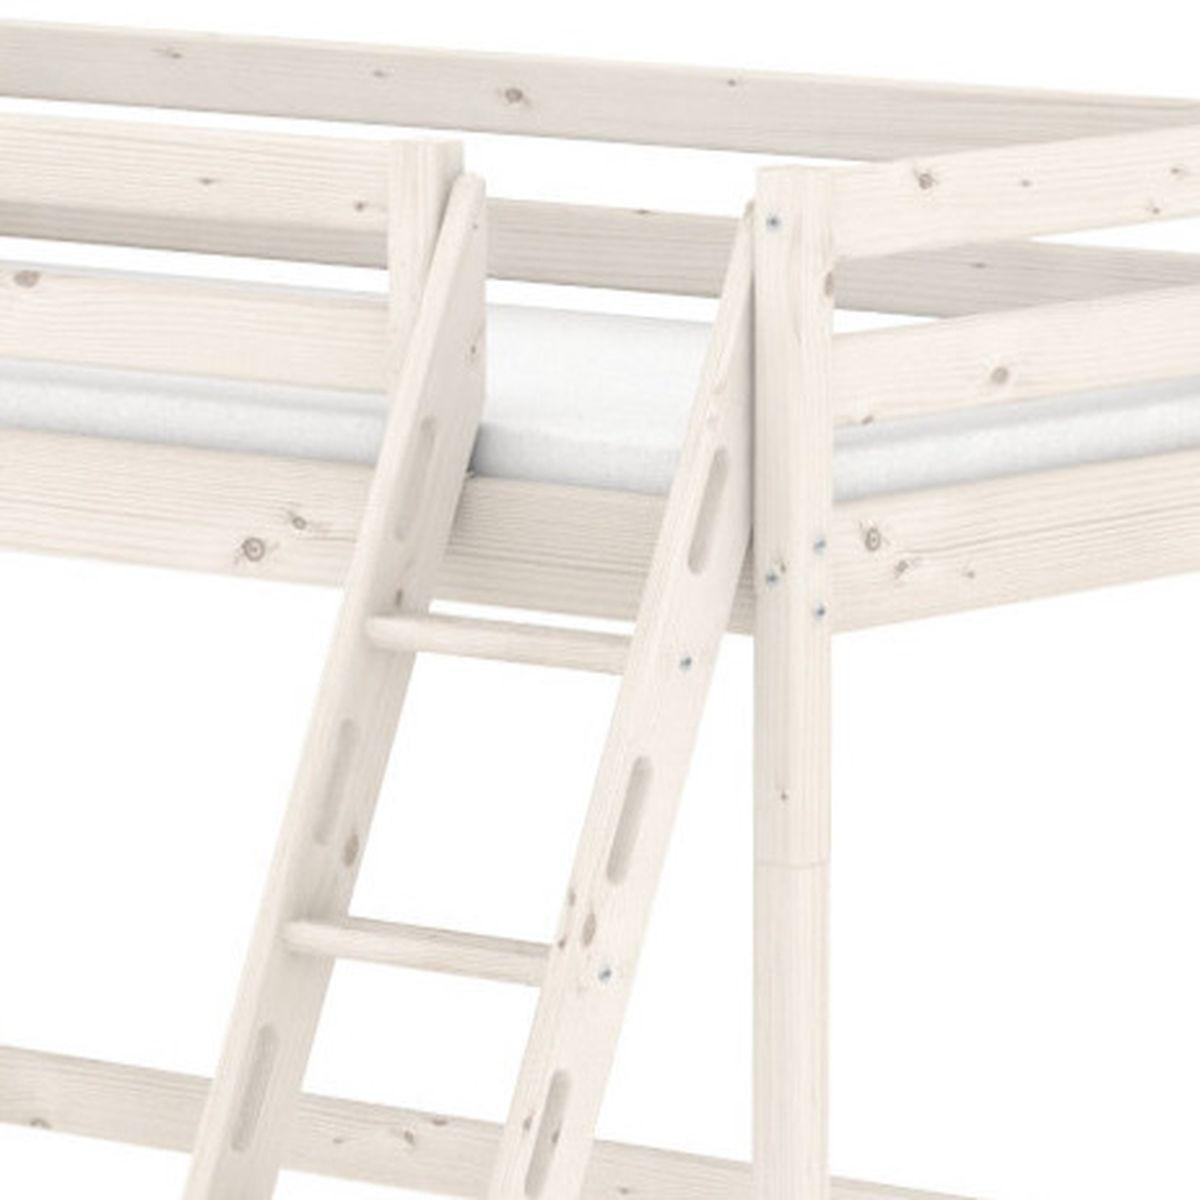 Lit mezzanine Line 90x200 cm + échelle inclinée avec poignées + rambarde blanche by Flexa